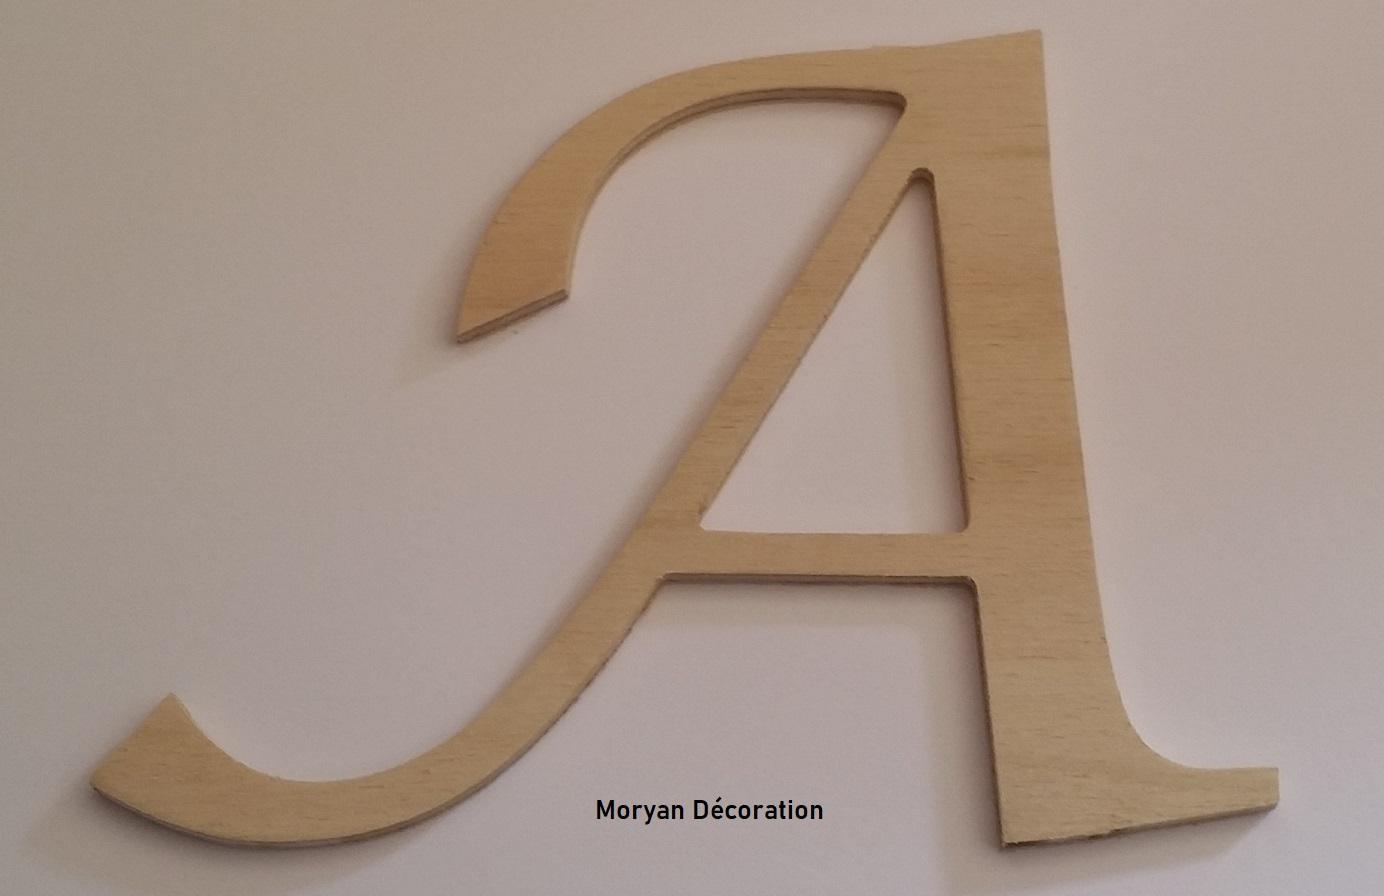 Lettre en bois decorative a peindre lucida calligraphy